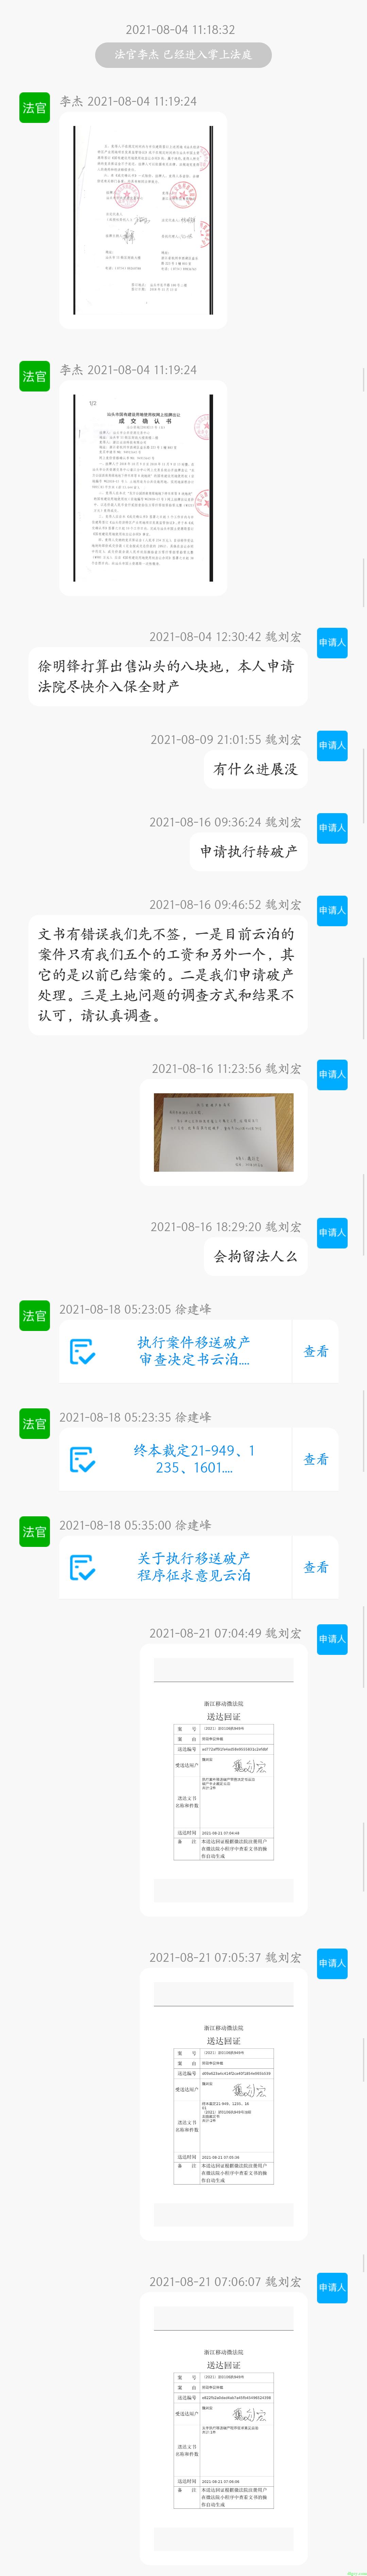 浙江云泊科技有限公司欠薪情况插图15